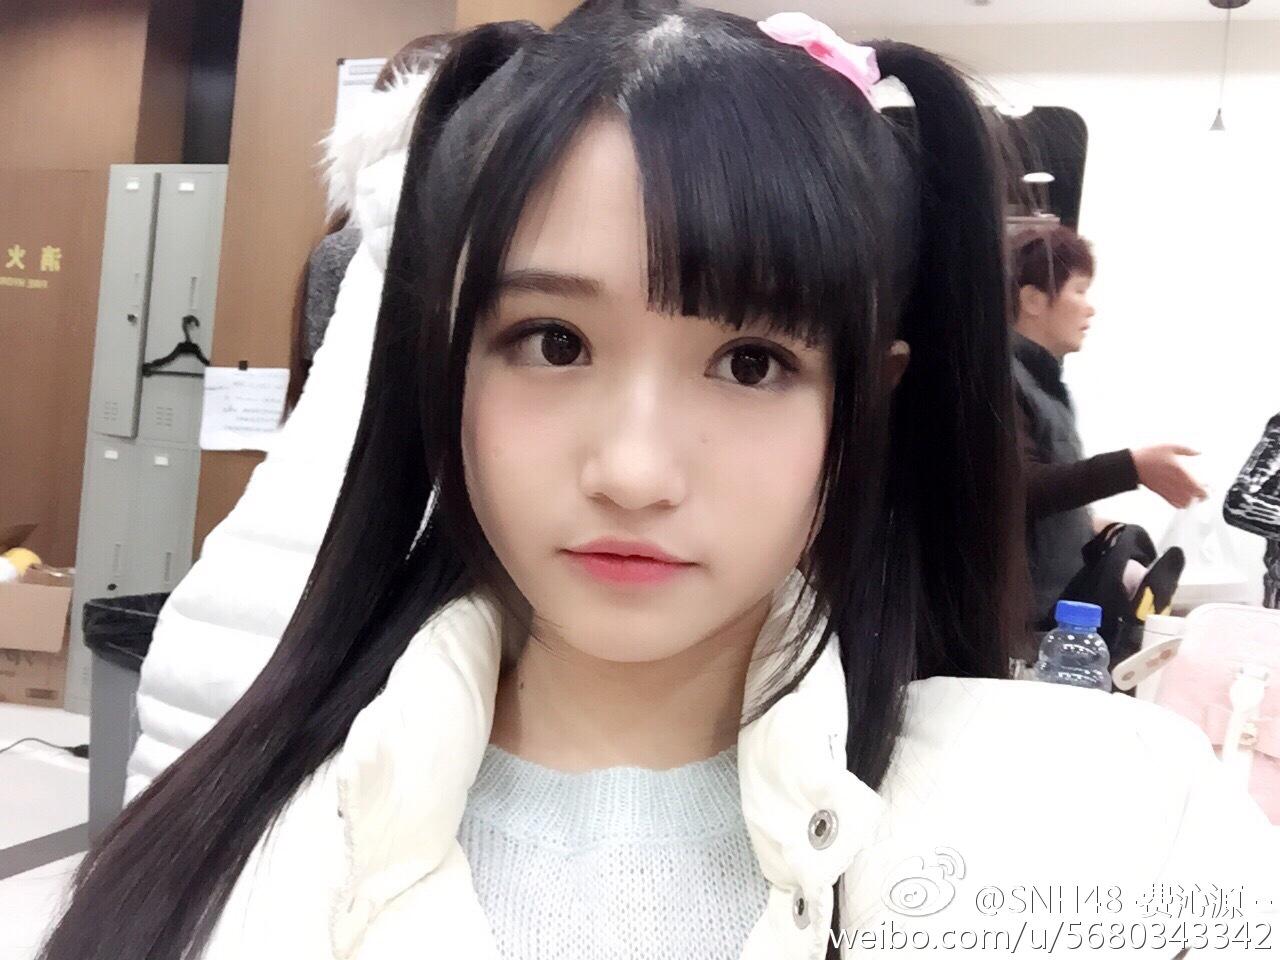 芸能】中国のアイドルが激可愛いと話題に 日本に来たら人気者確実(画像